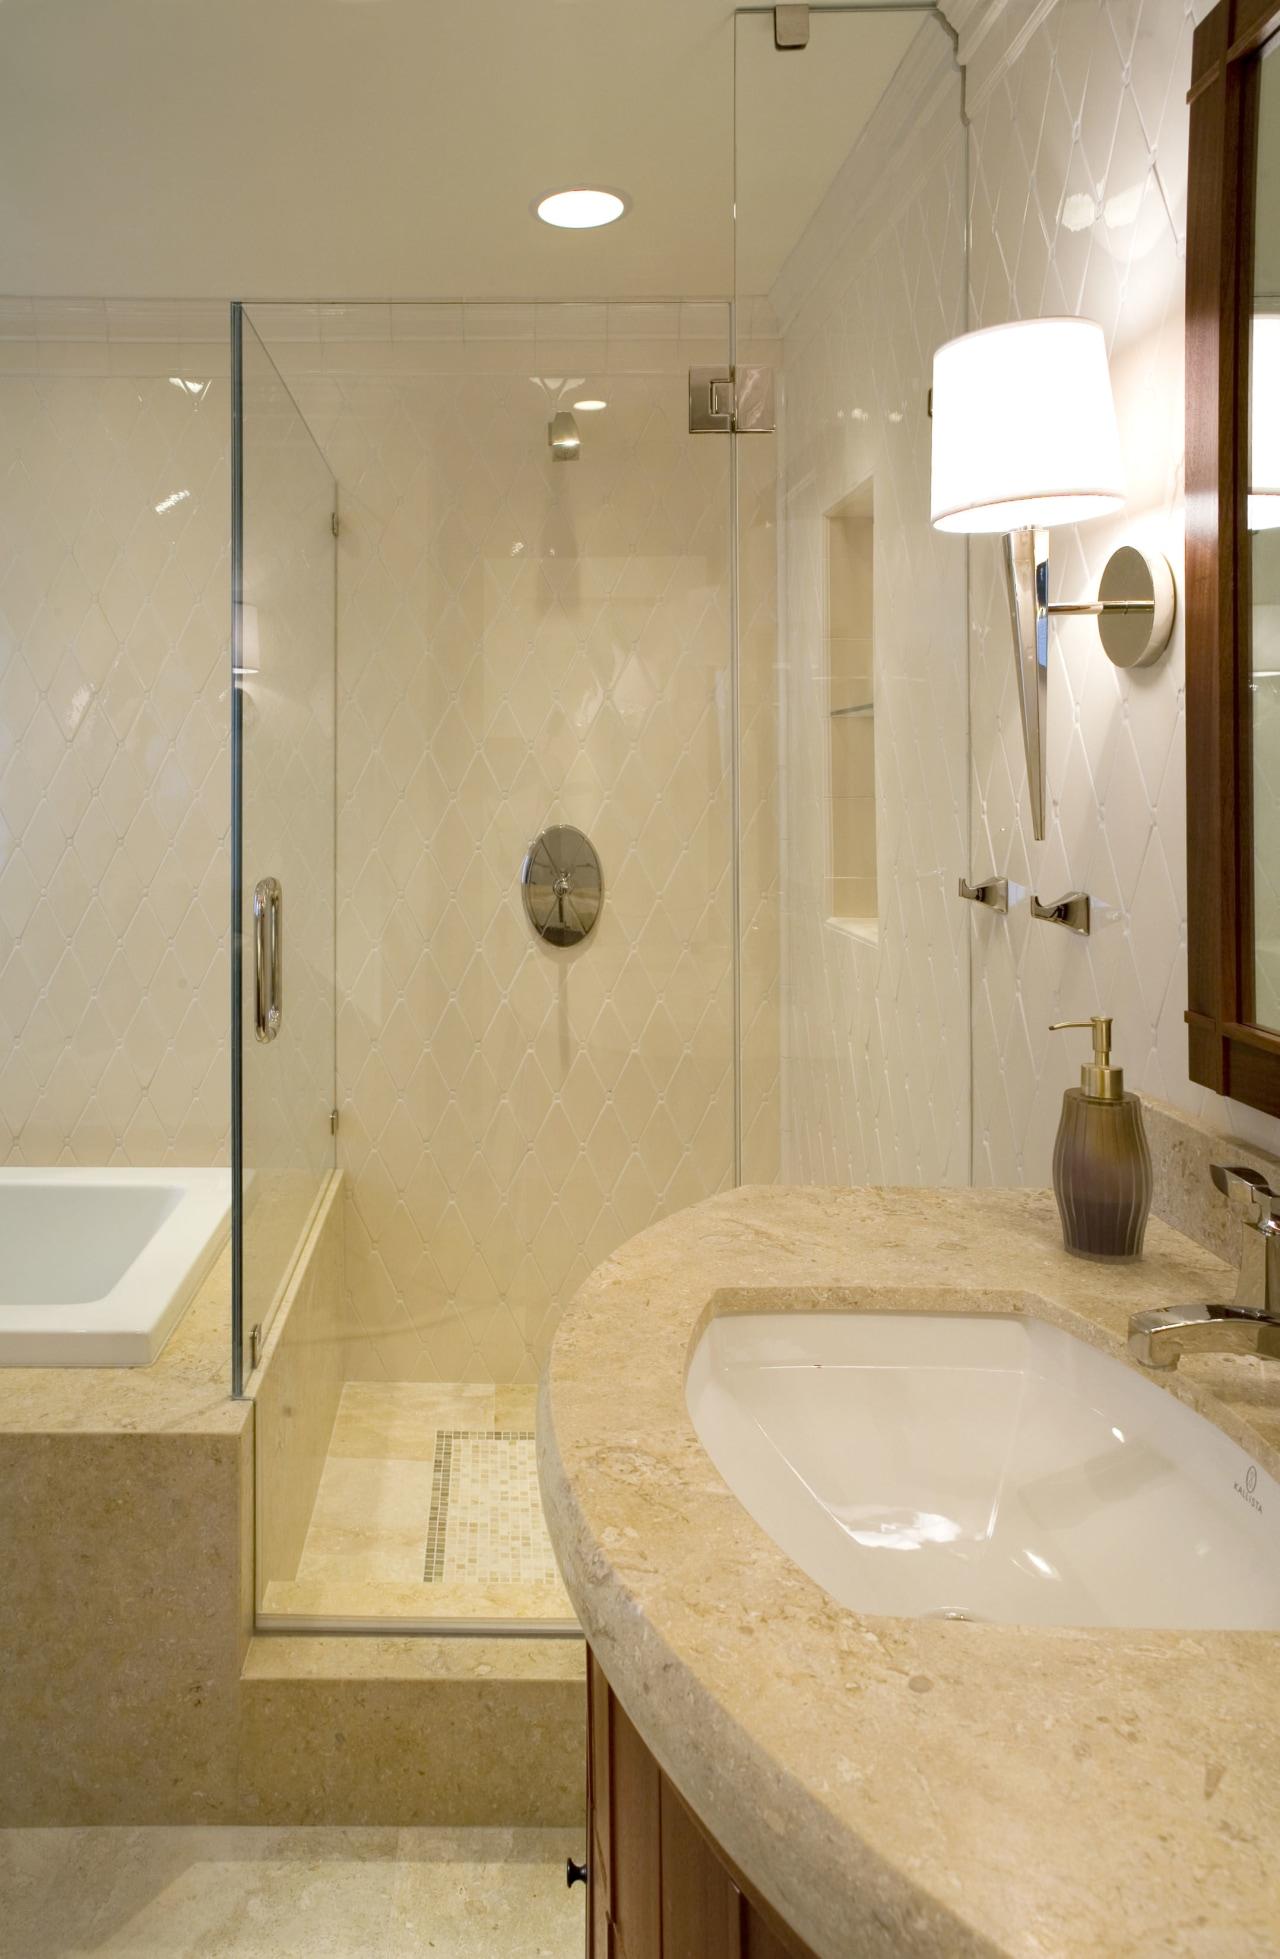 A view of some bathroomware from NKBA. bathroom, floor, interior design, plumbing fixture, property, room, sink, tap, tile, orange, brown